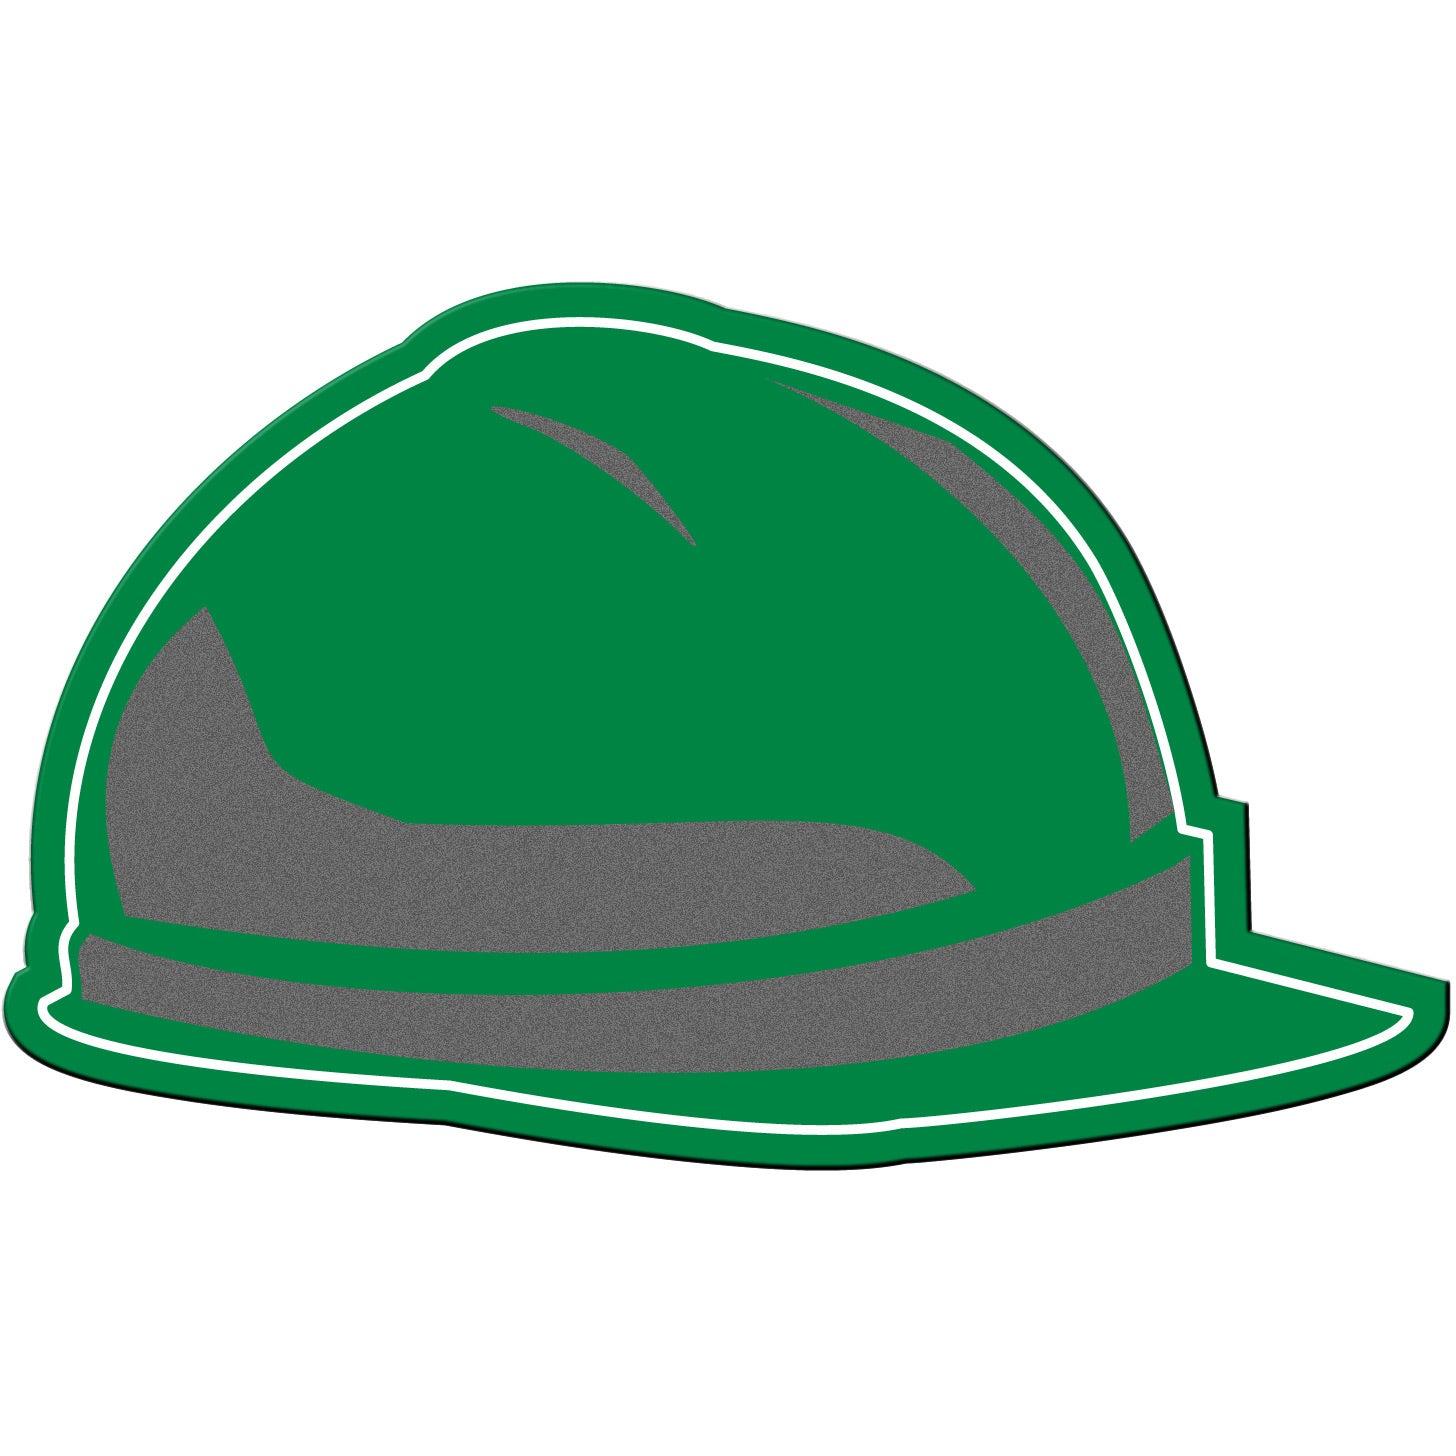 Custom writing company hard hats